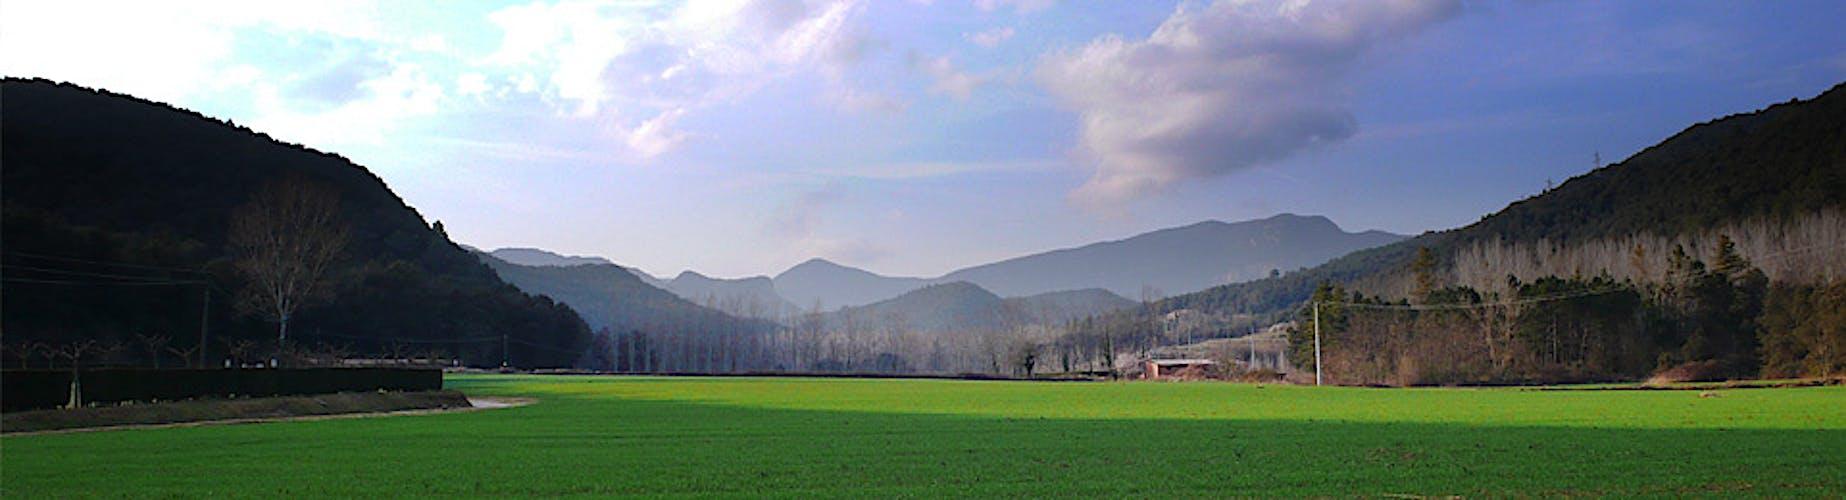 Llémena Valley, nature between El Gironès and La Garrotxa